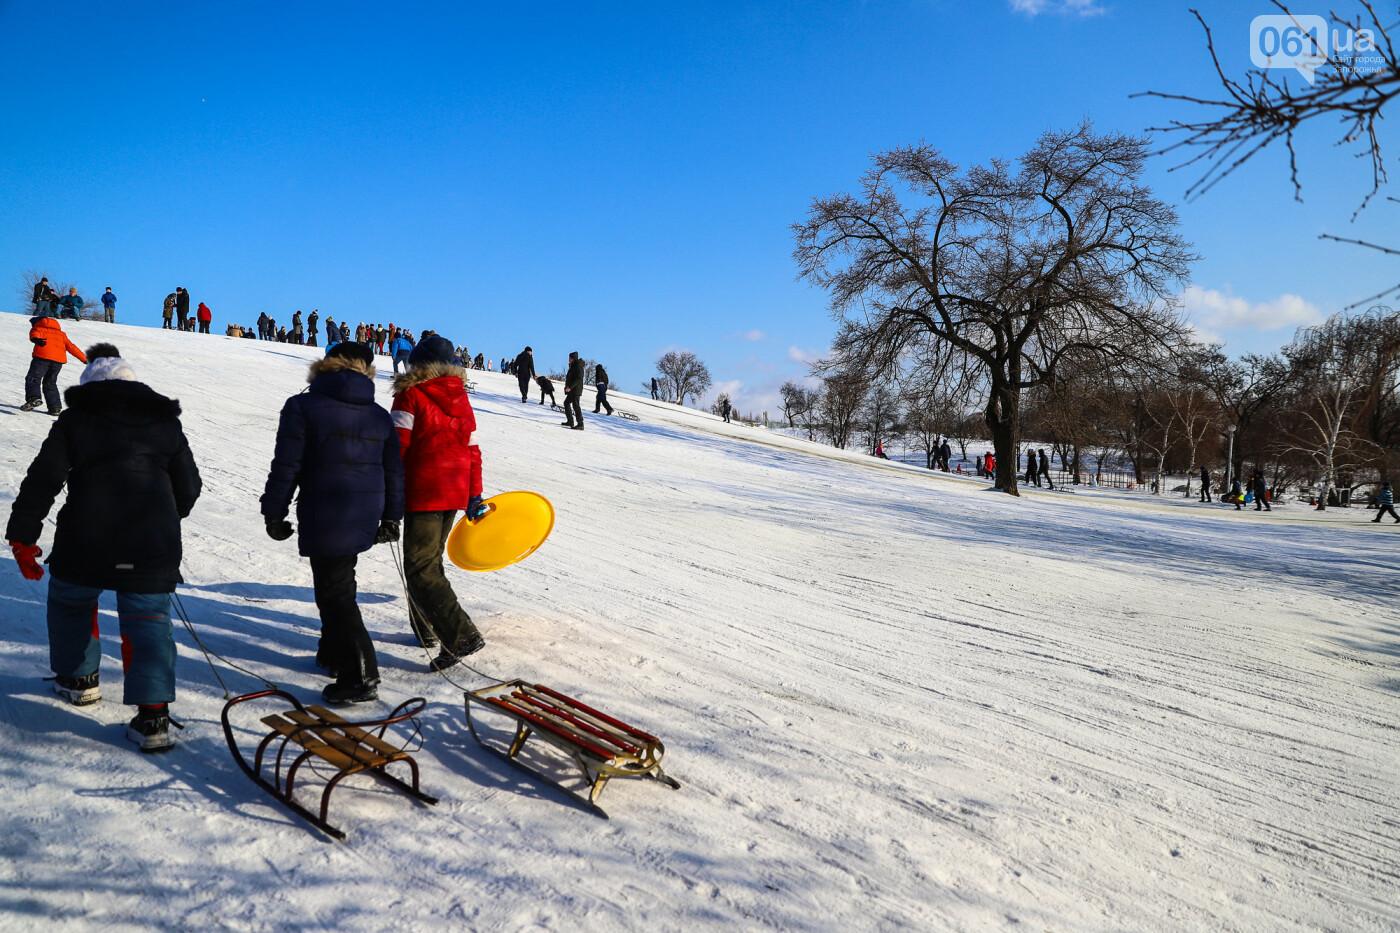 На санках, лыжах и сноуборде: запорожцы устроили массовое катание с горок в Вознесеновском парке, - ФОТОРЕПОРТАЖ, фото-91